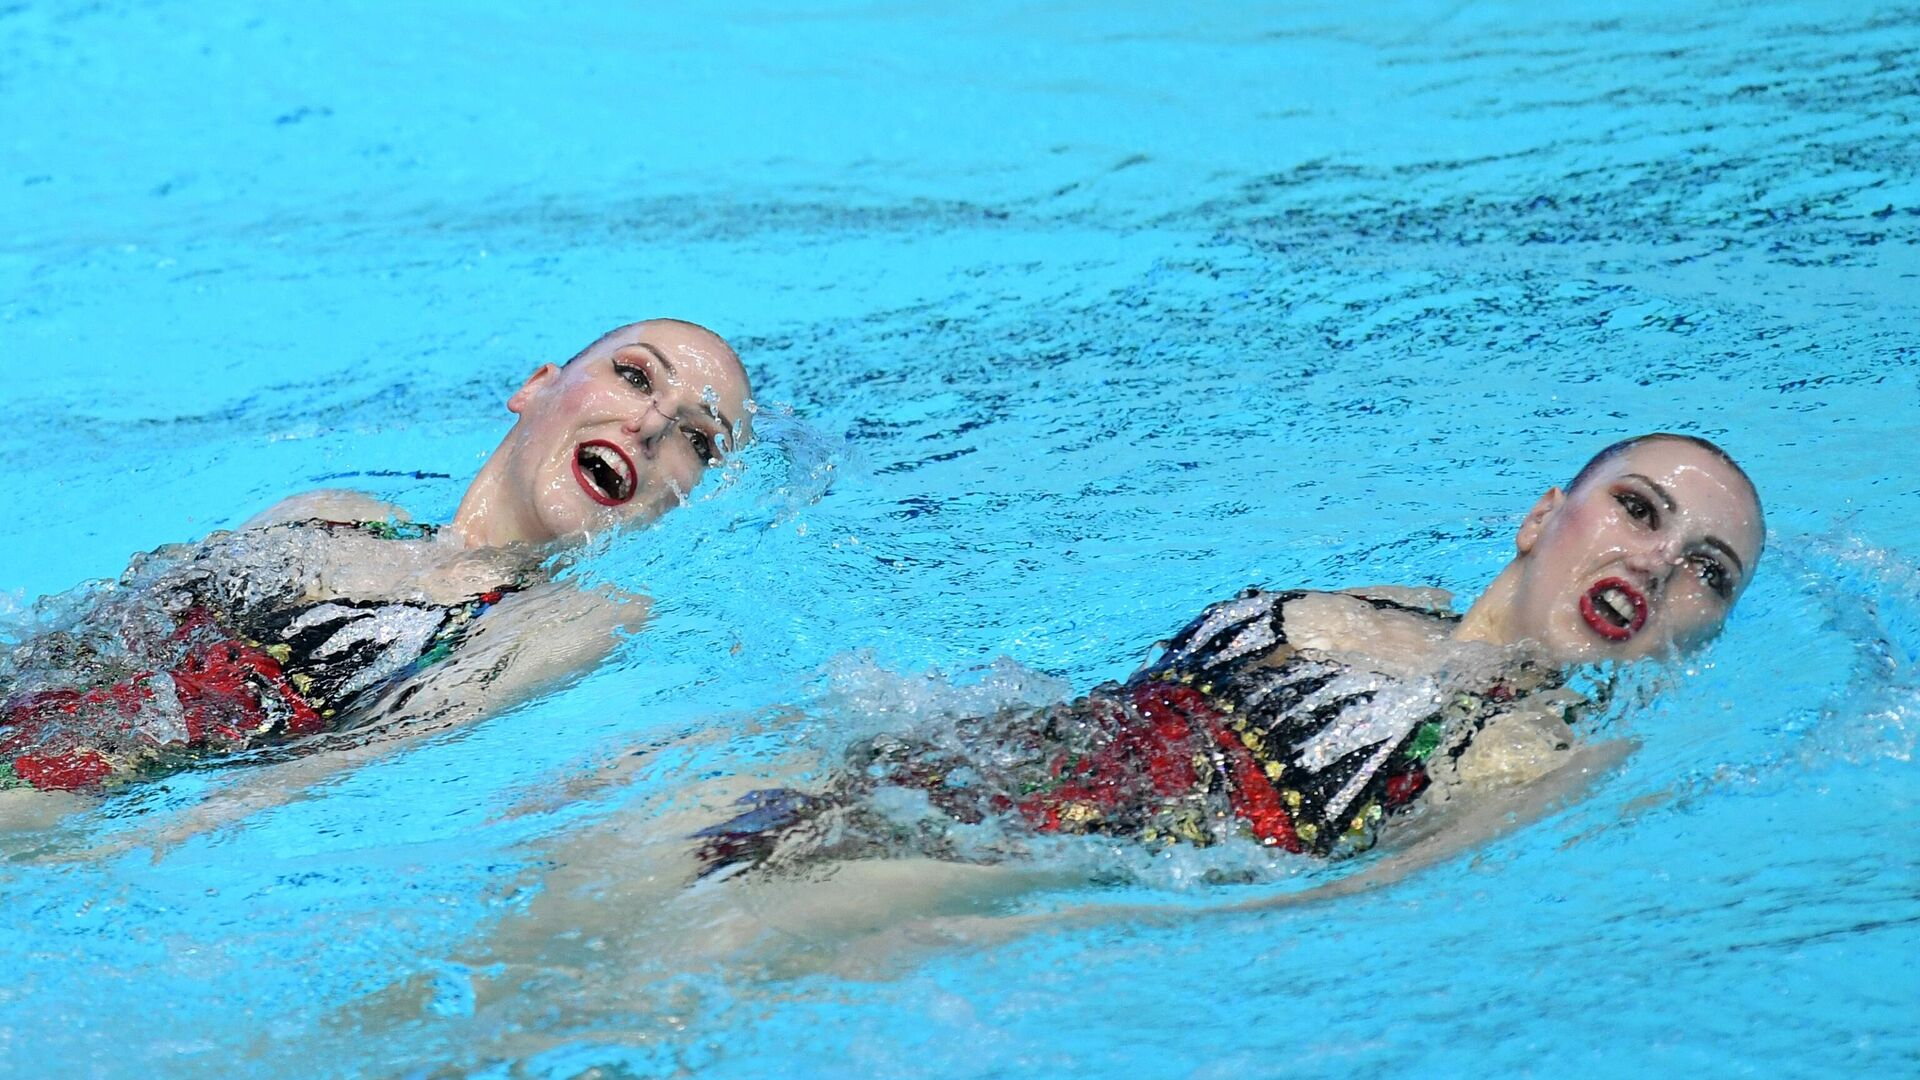 Синхронное плавание. III этап Мировой серии FINA. Дуэт. Техническая программа - РИА Новости, 1920, 13.05.2021